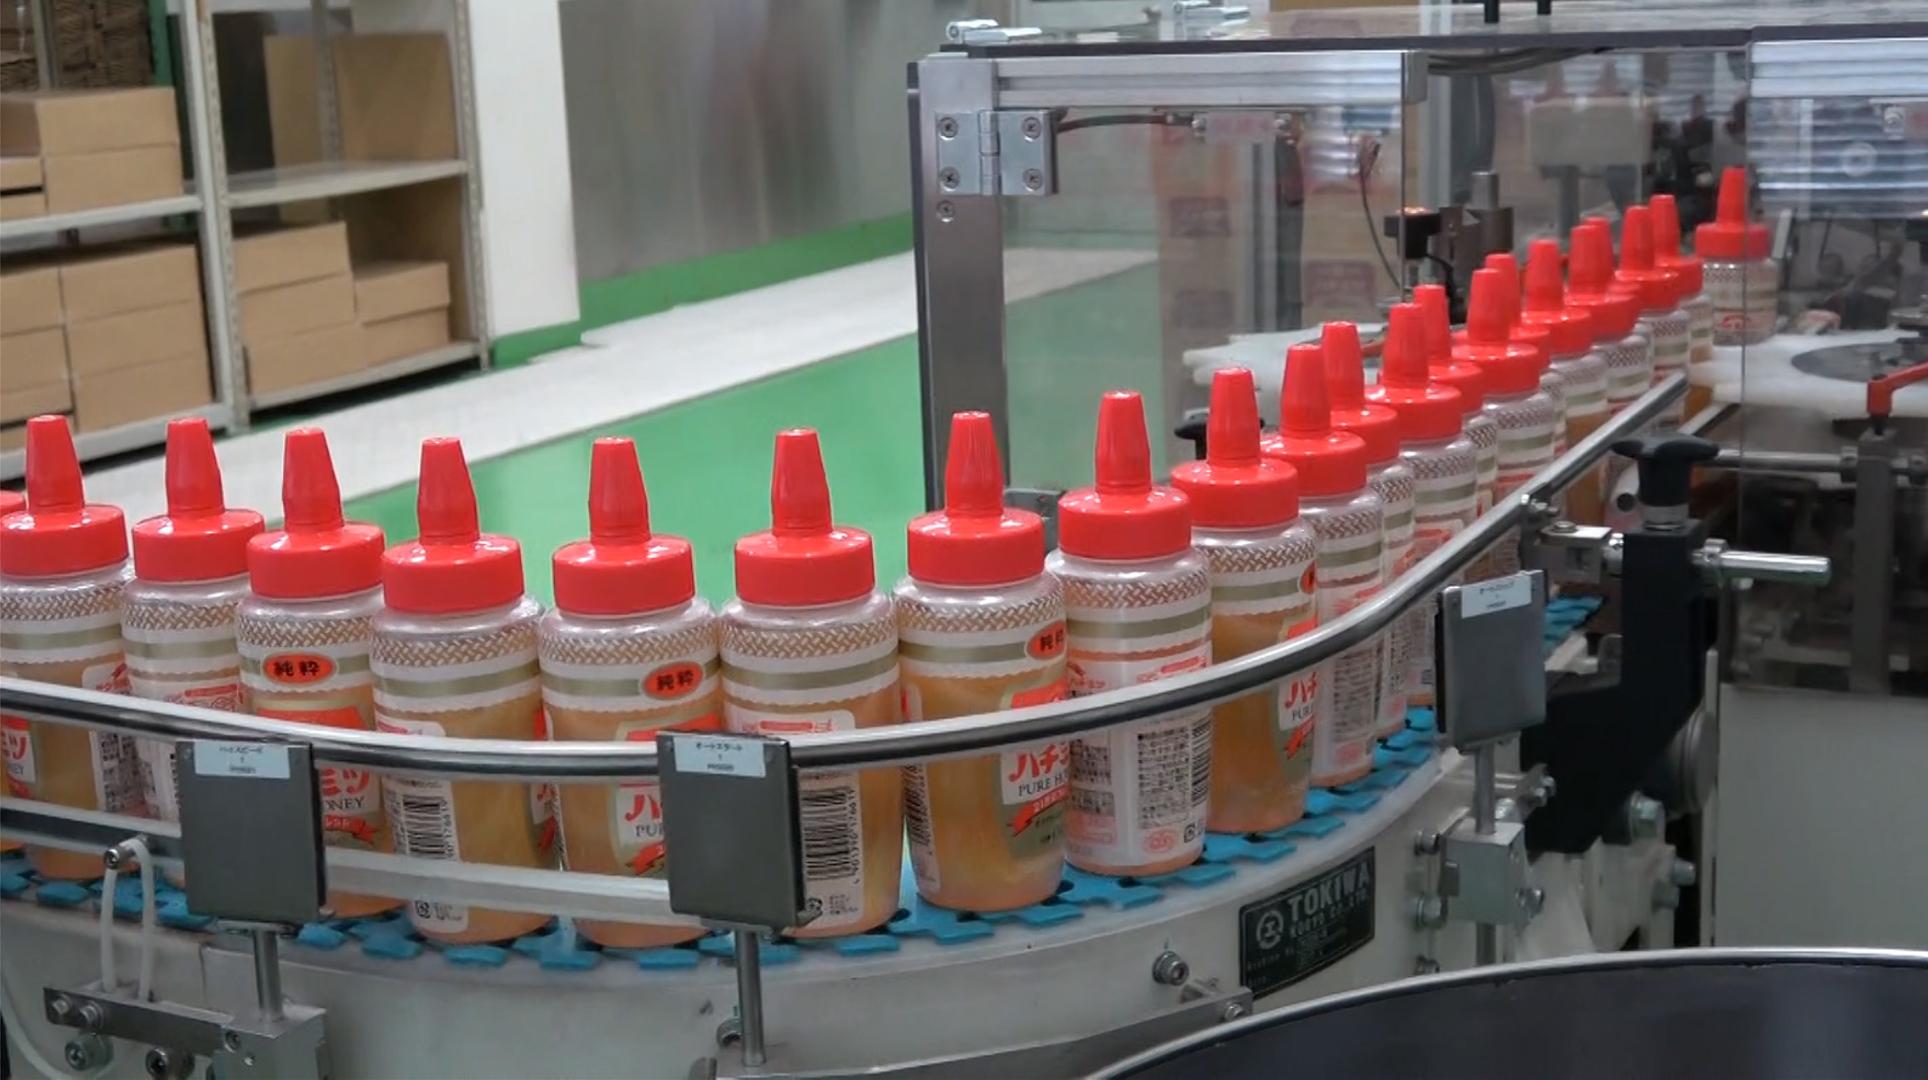 Impor Gula Sirup Jepang Bumbu untuk Grosir